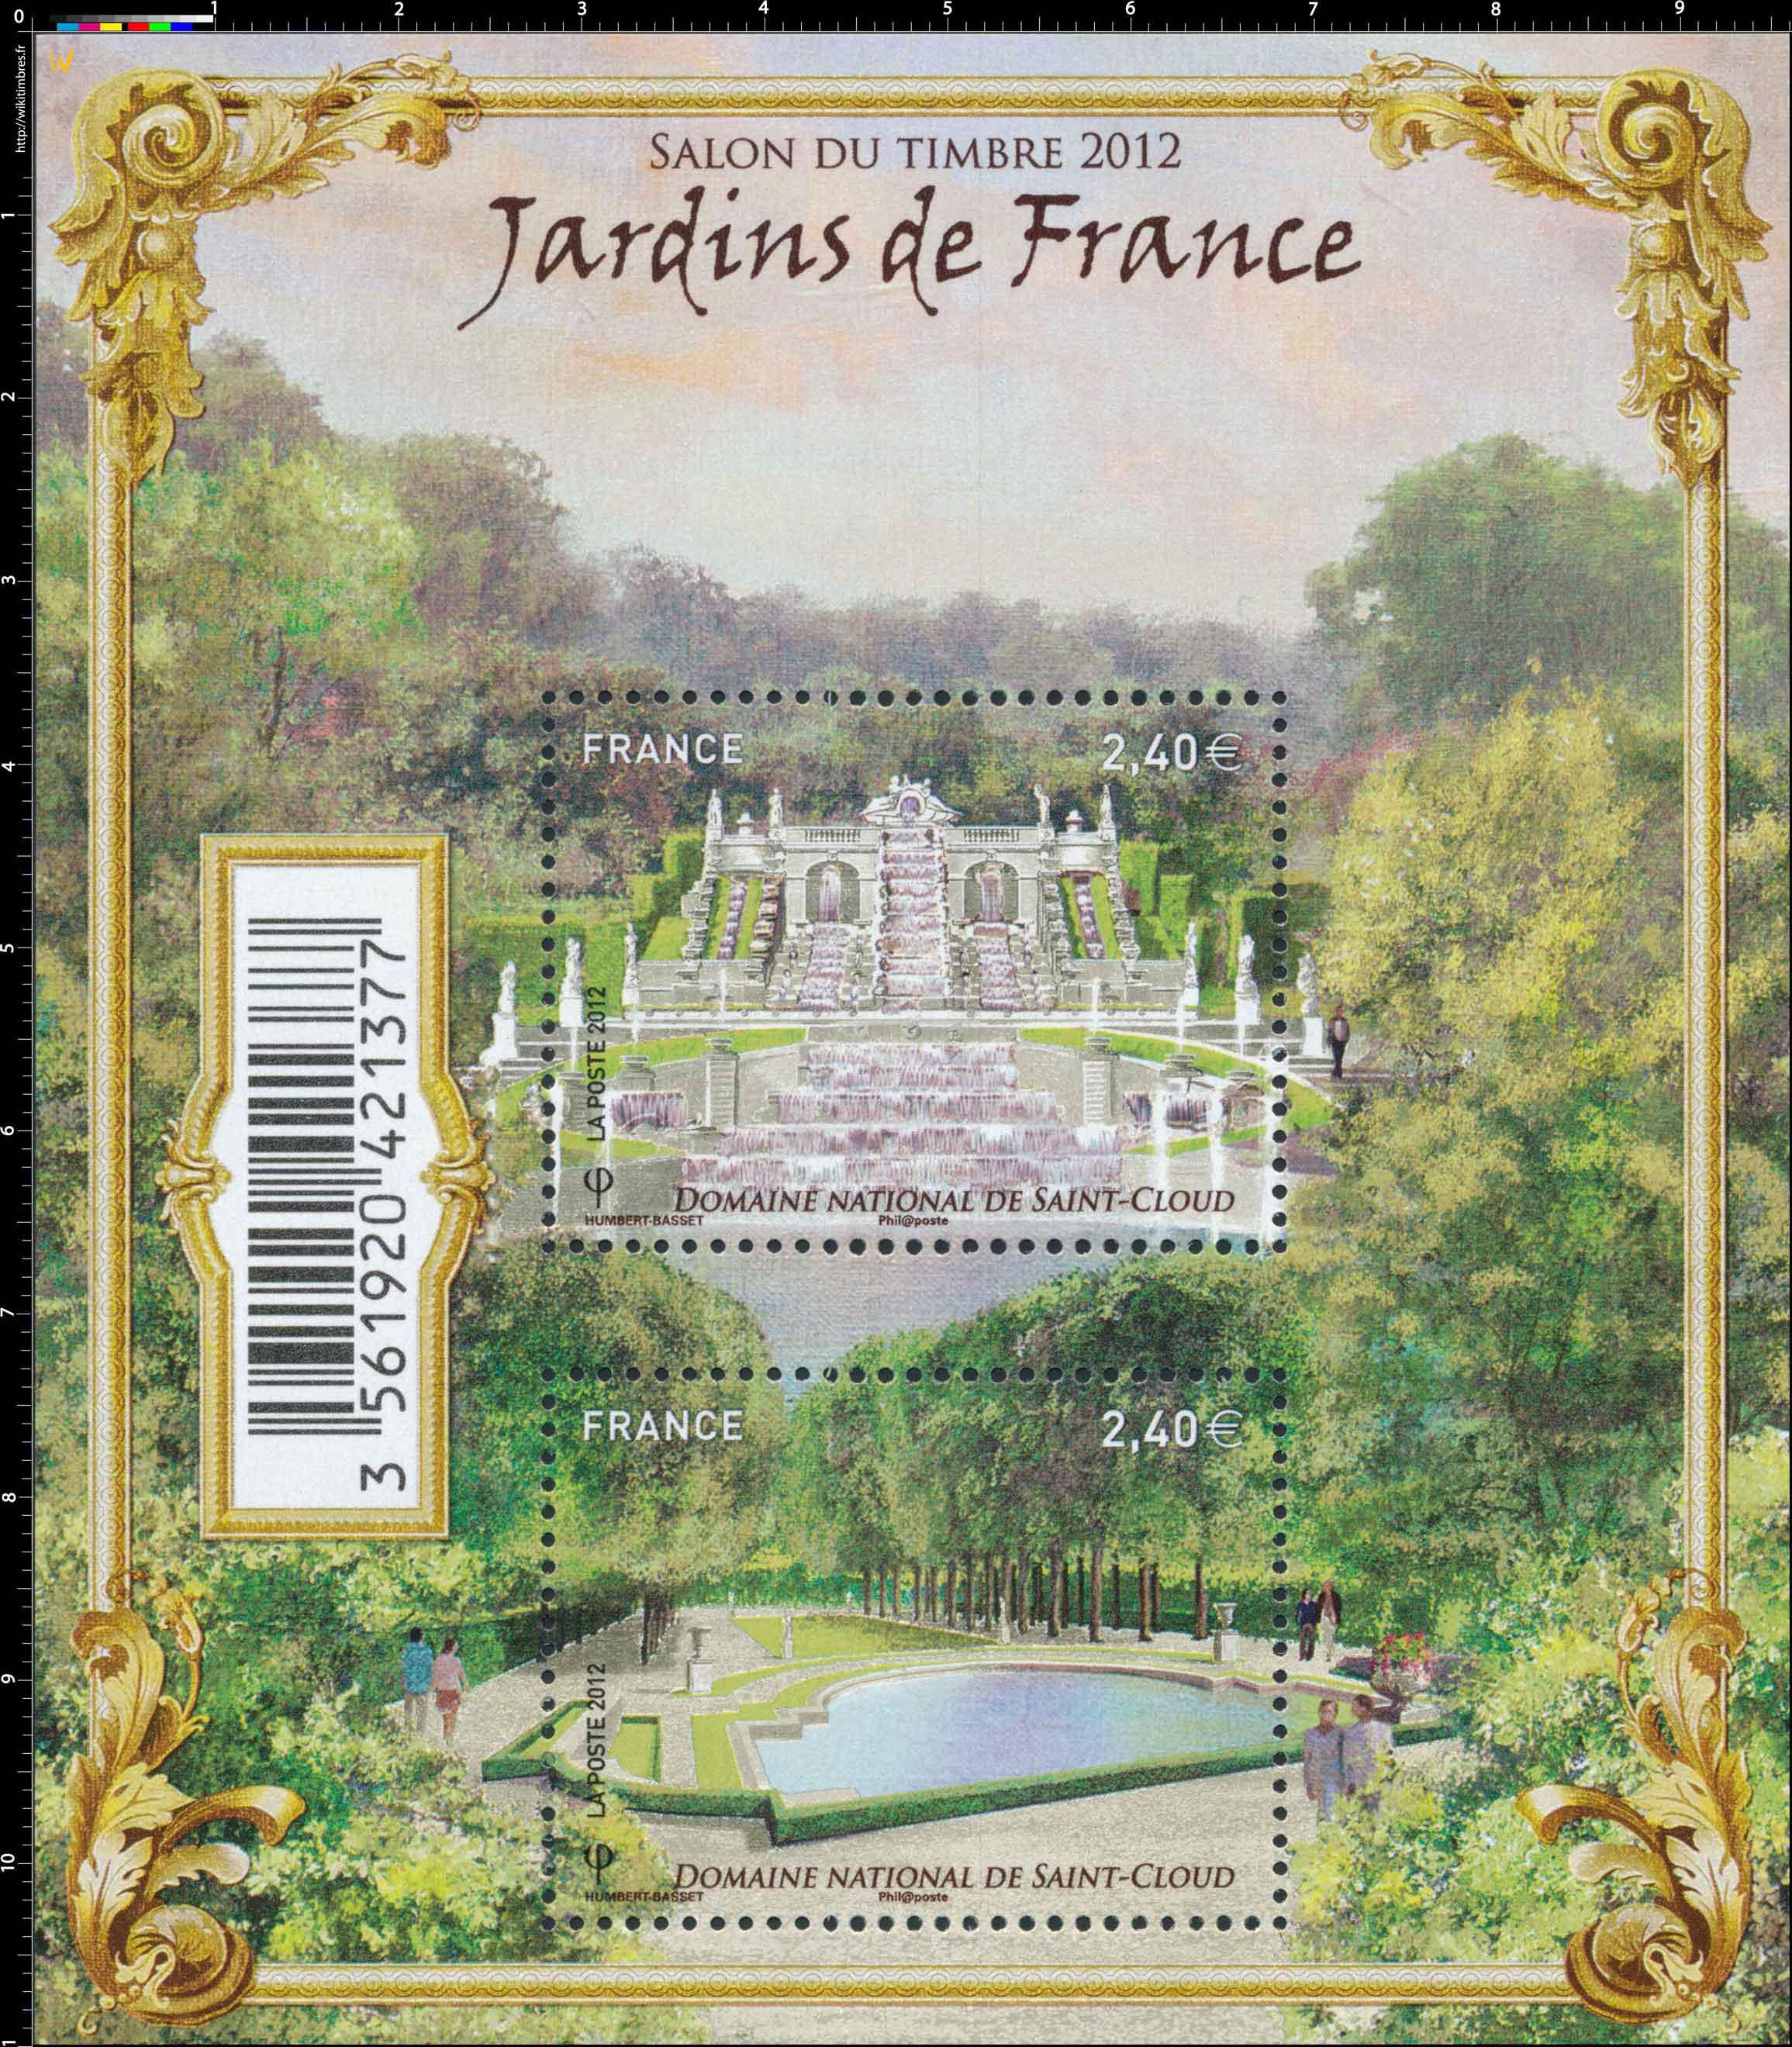 2012 JARDINS DE France Domaine National de Saint-Cloud